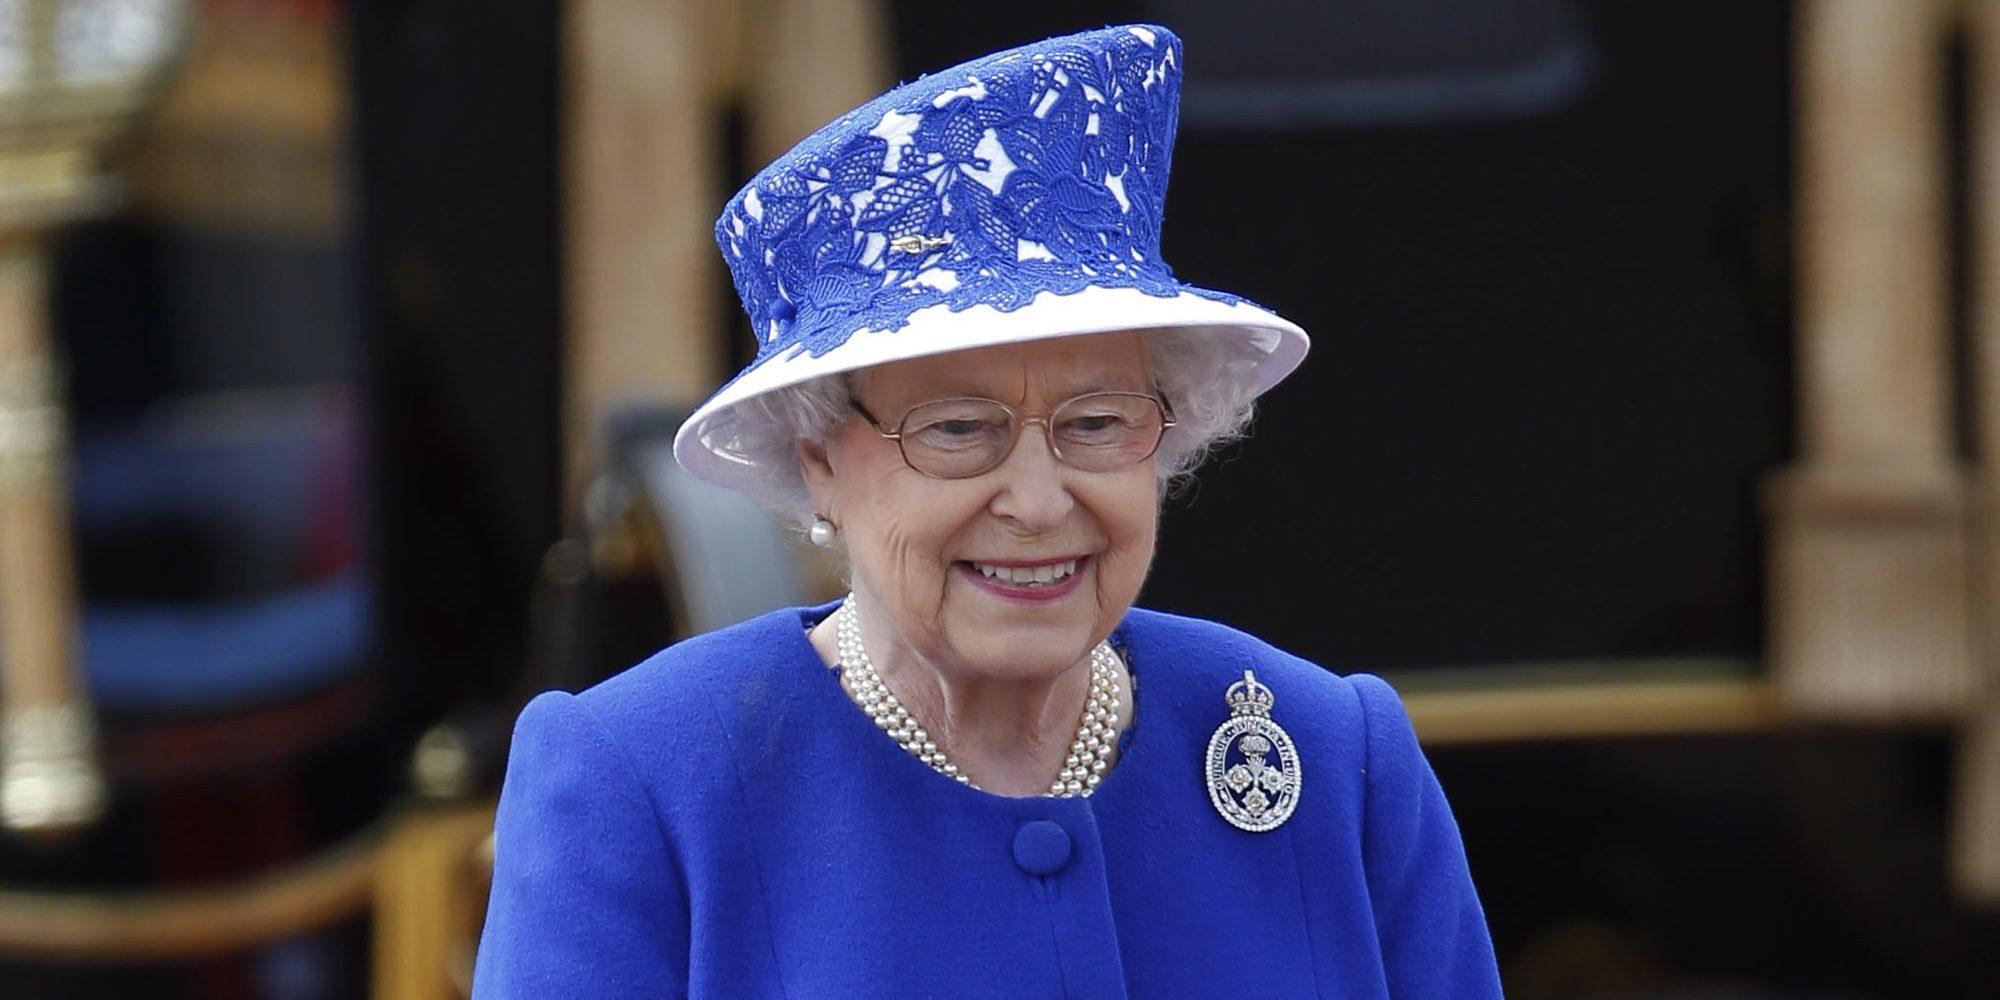 Jubileo de Zafiro: La Reina Isabel II celebra sus 65 años en el Trono con un recuerdo a su padre